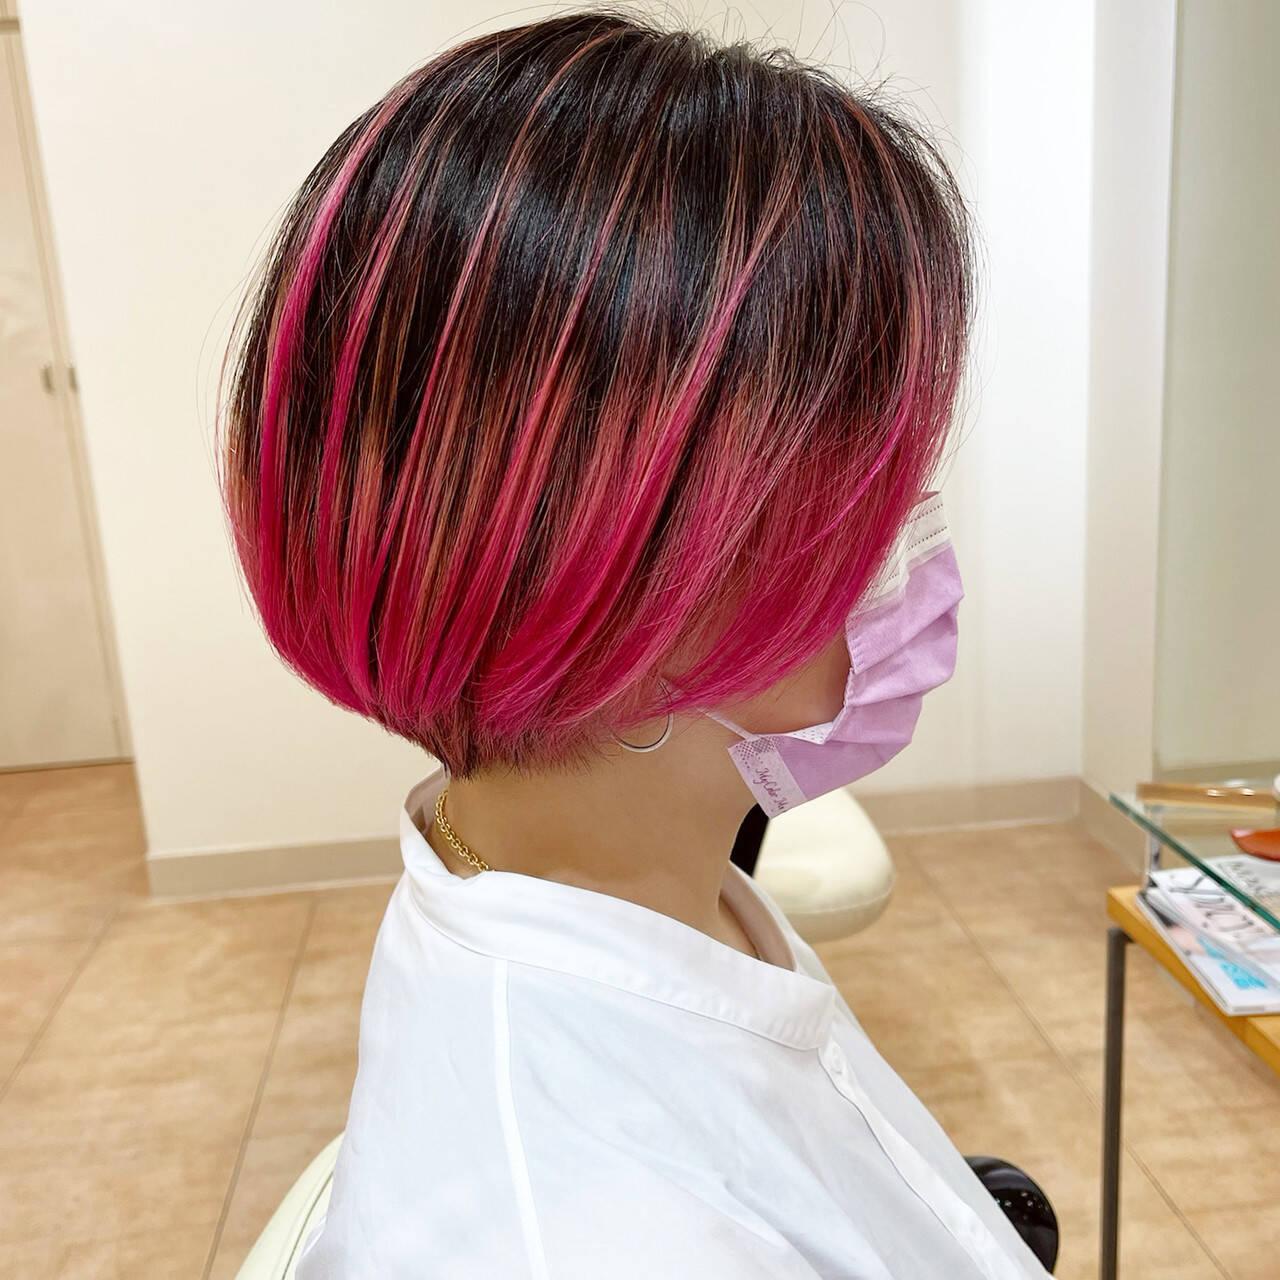 ピンク ブリーチ ボブ ヘアマニキュアヘアスタイルや髪型の写真・画像